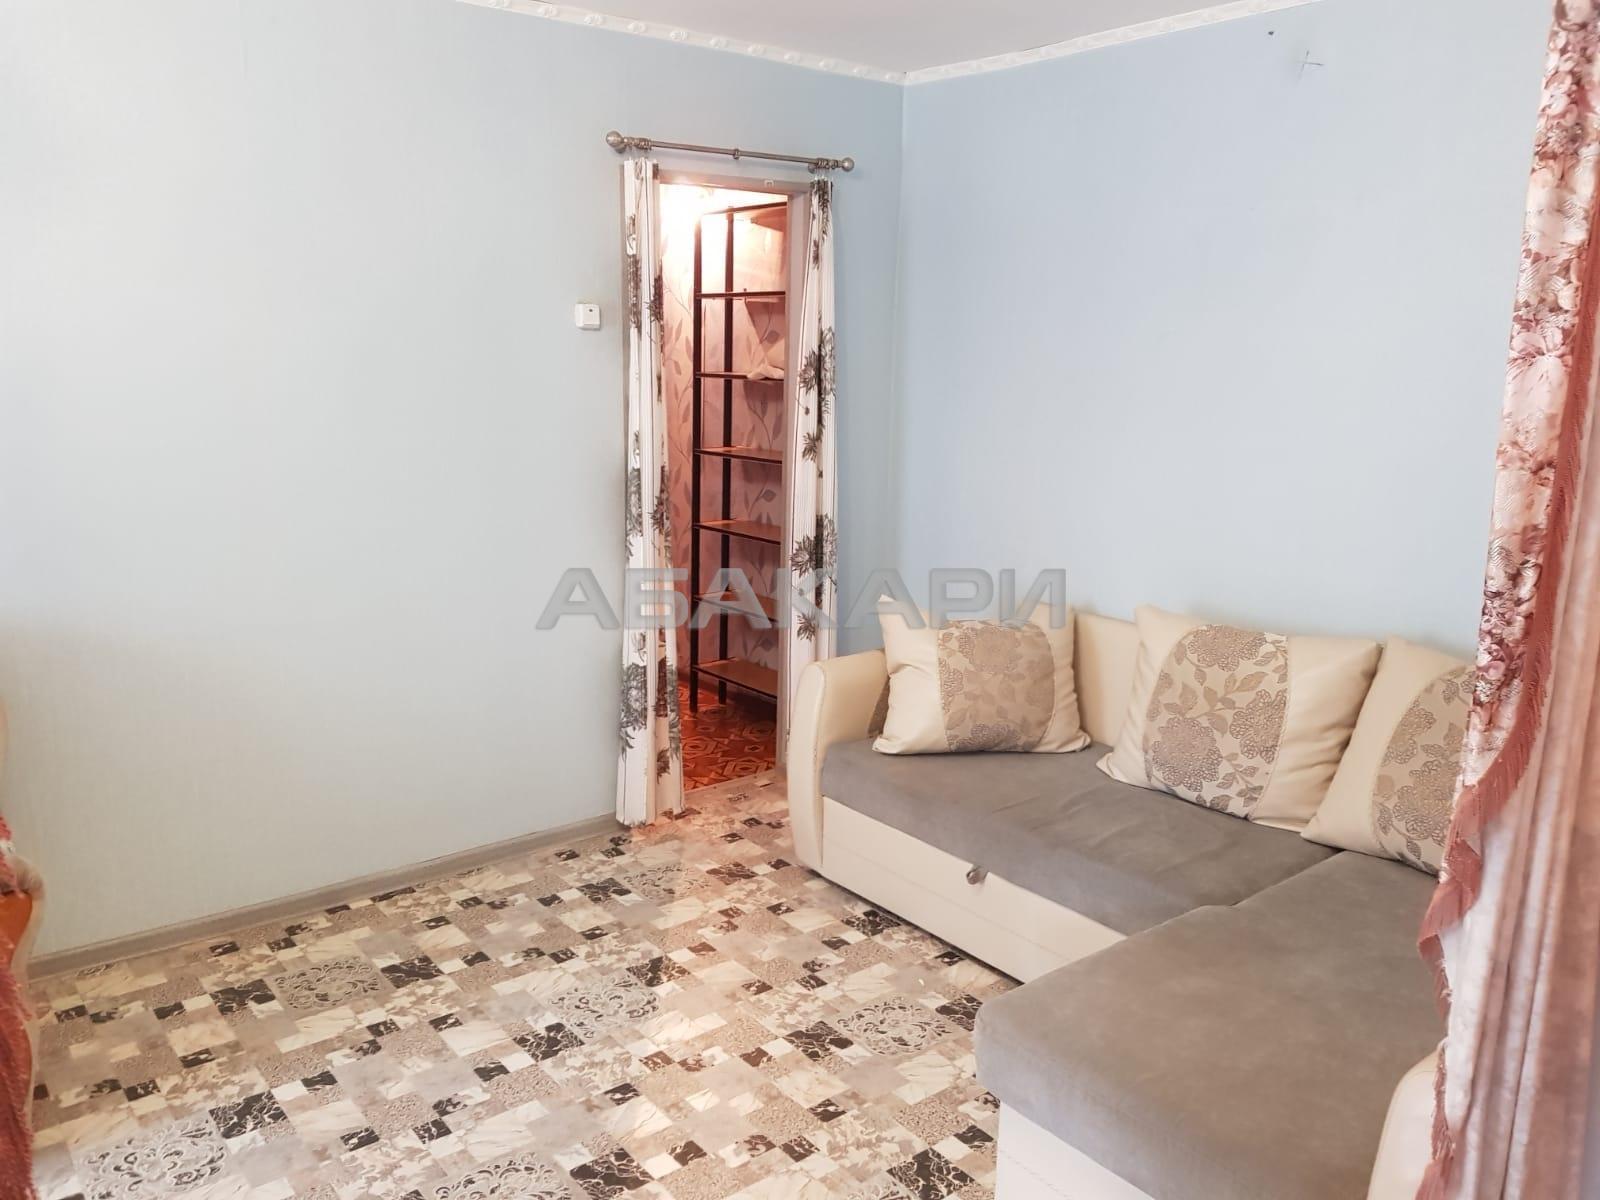 2к квартира Красномосковская улица, 42   17000   аренда в Красноярске фото 5